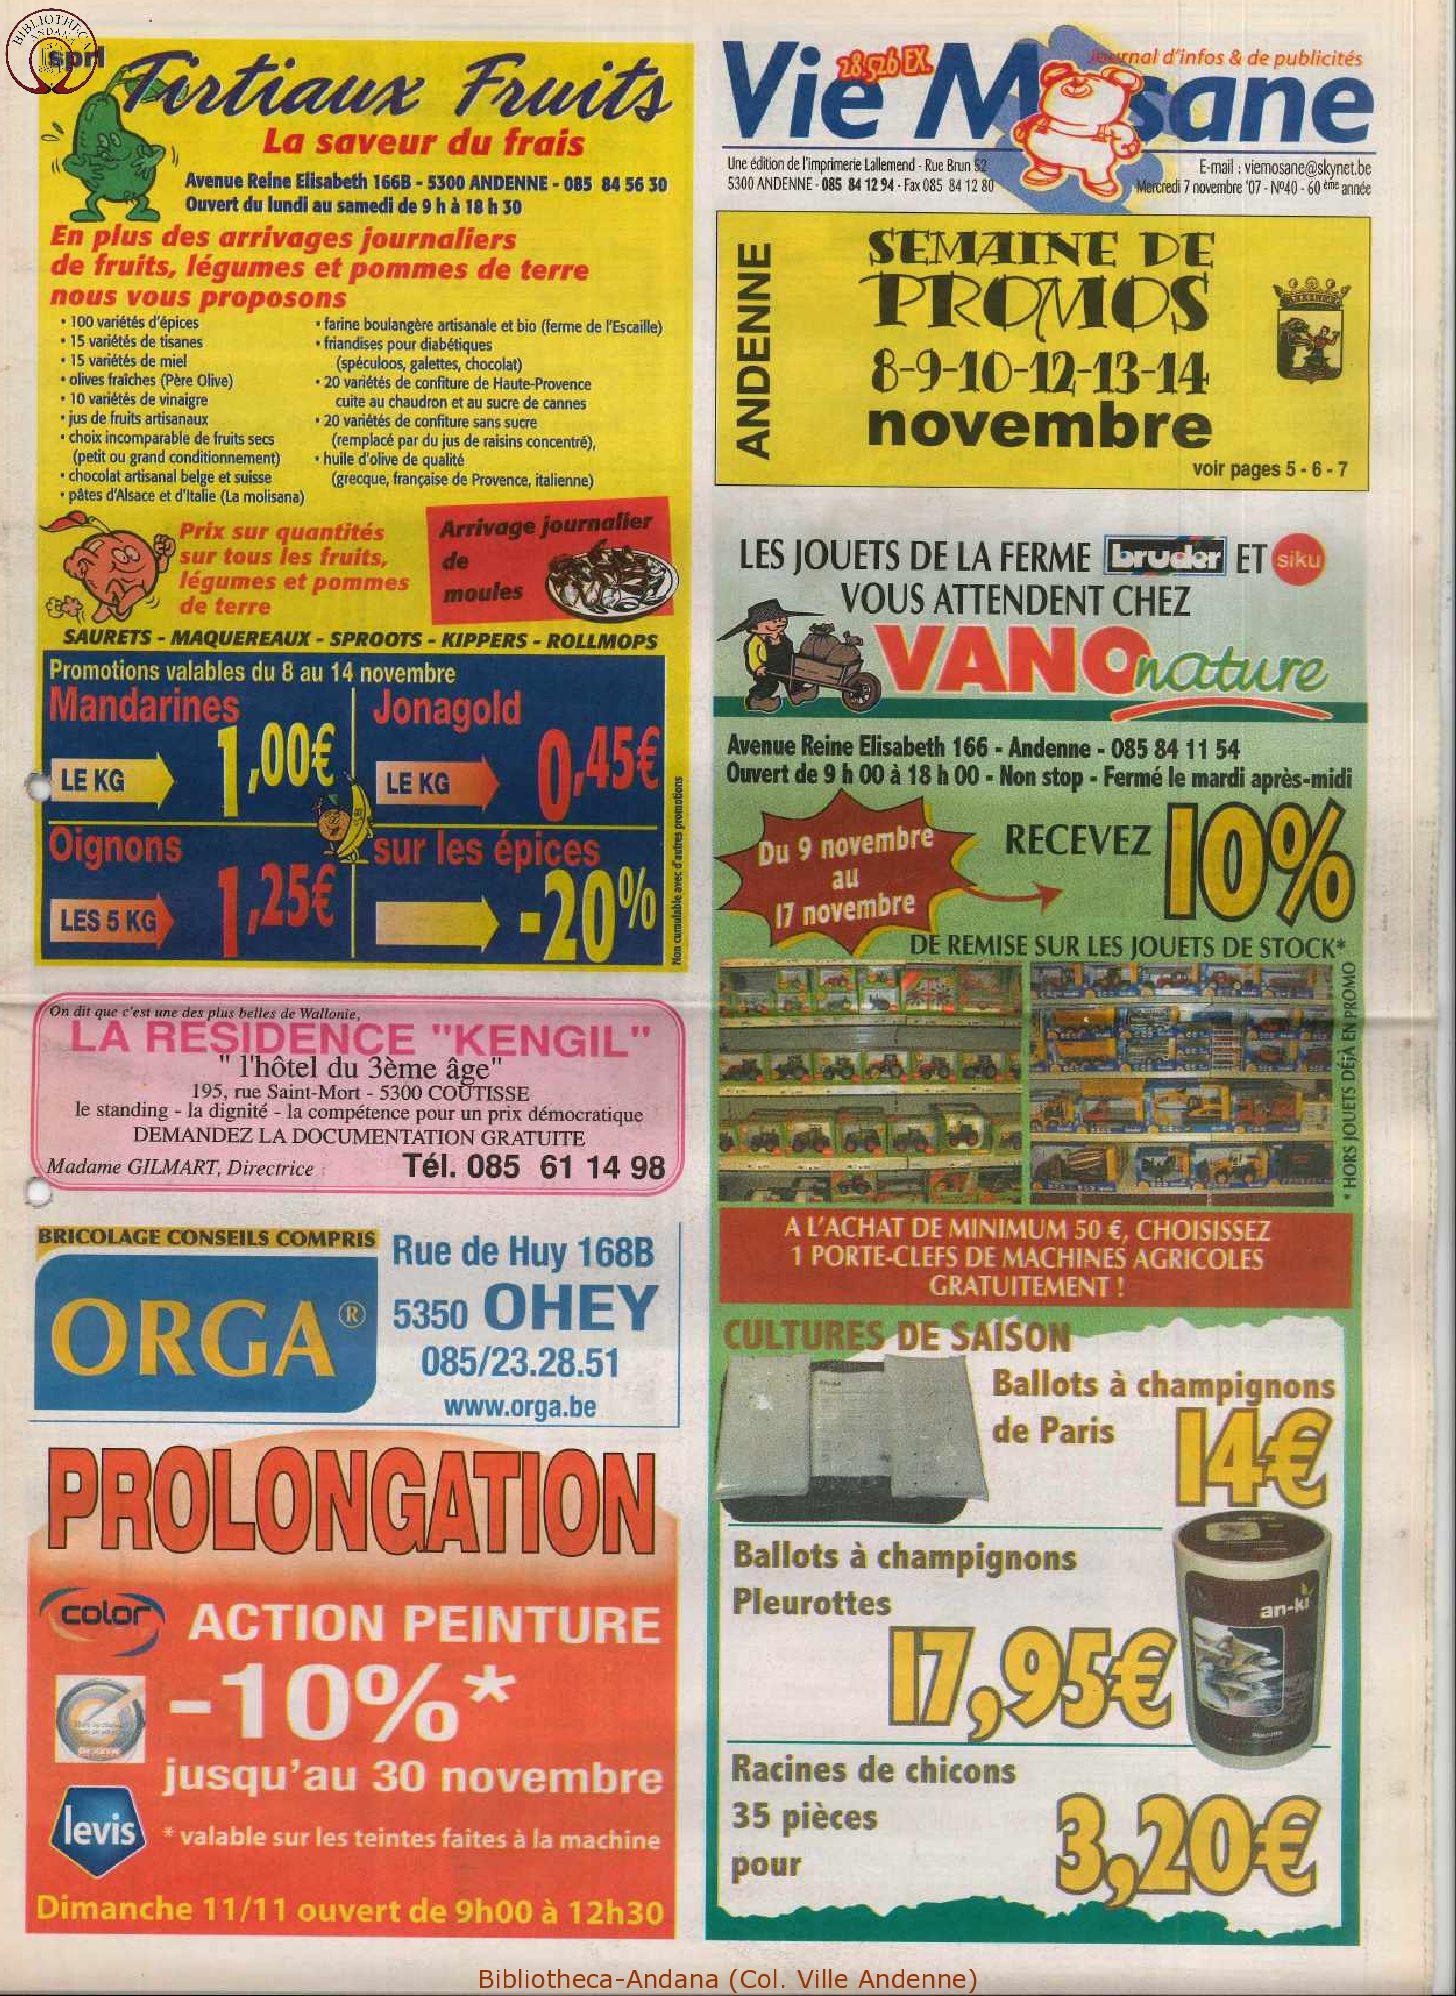 60e année - n°40 - 7 novembre 2007